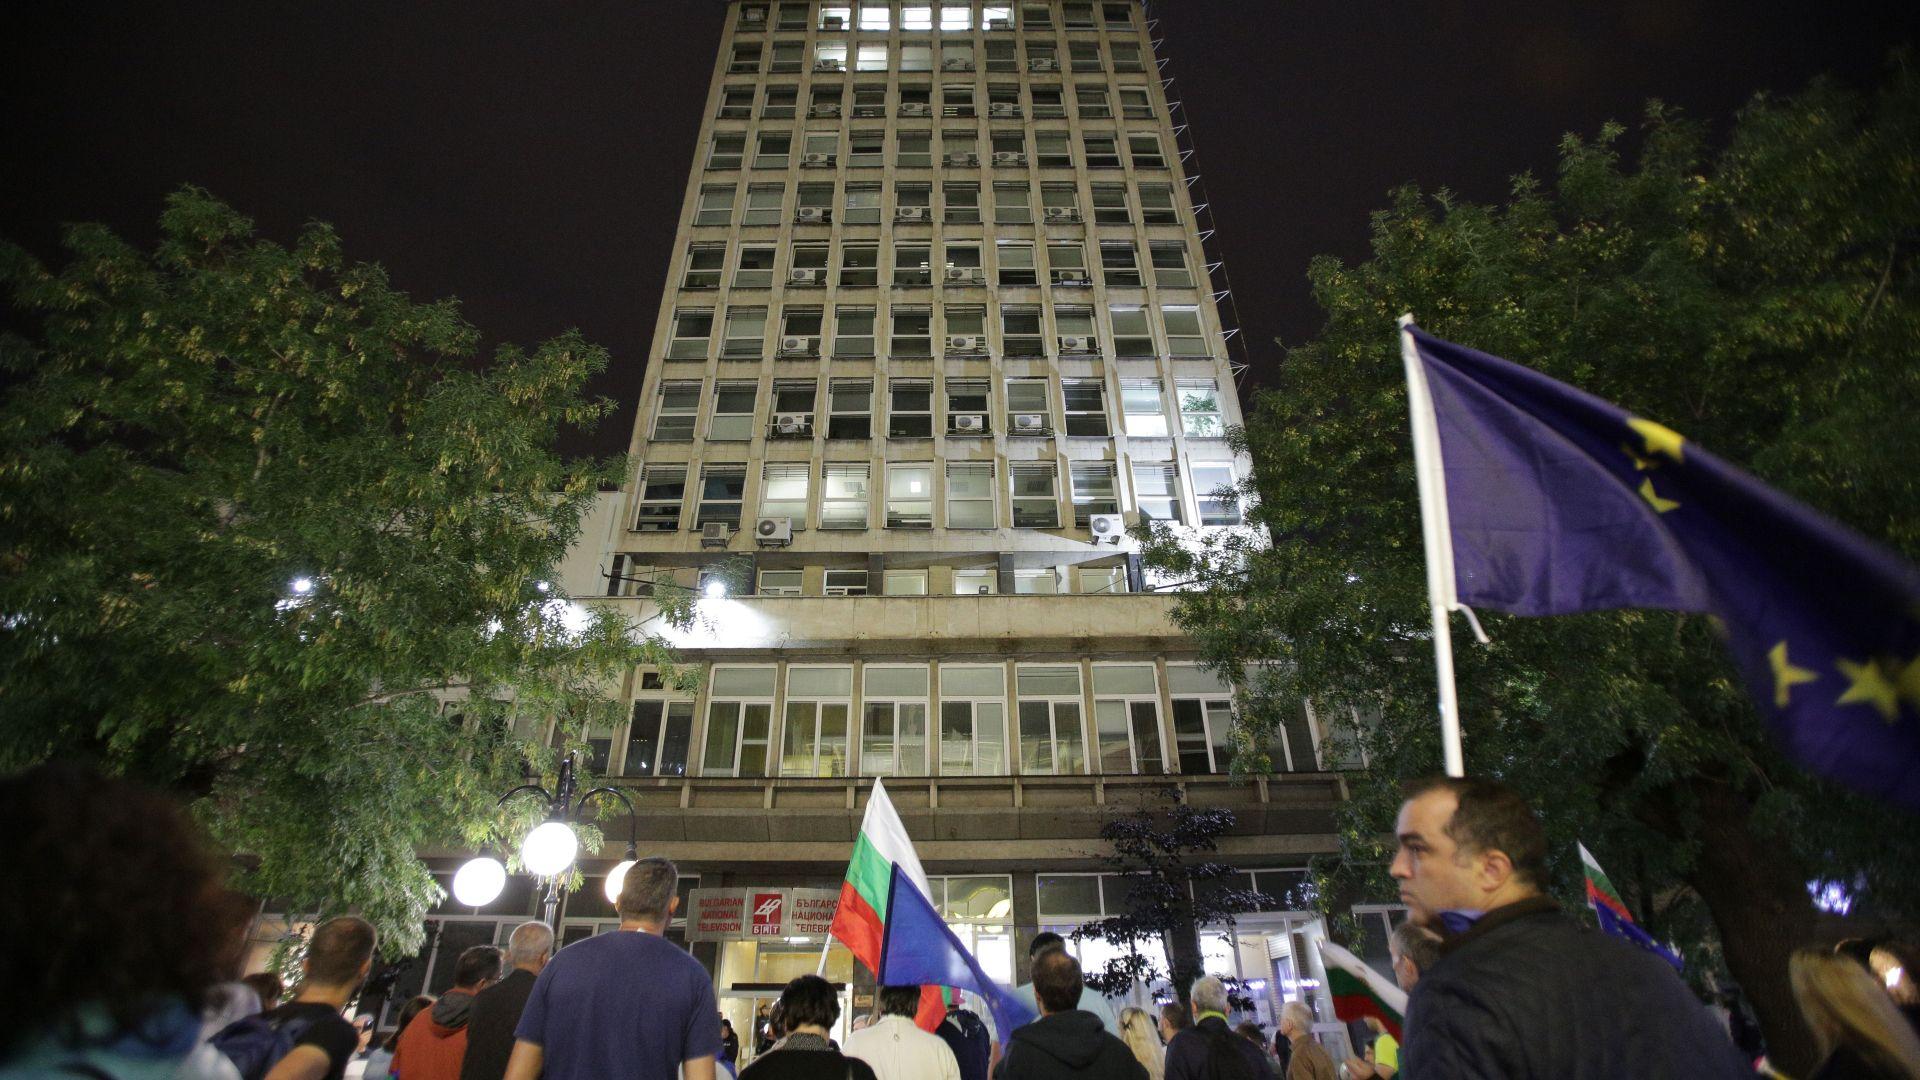 86-и протестен ден: Нова блокада и обстрел с яйца по сградата на БНТ